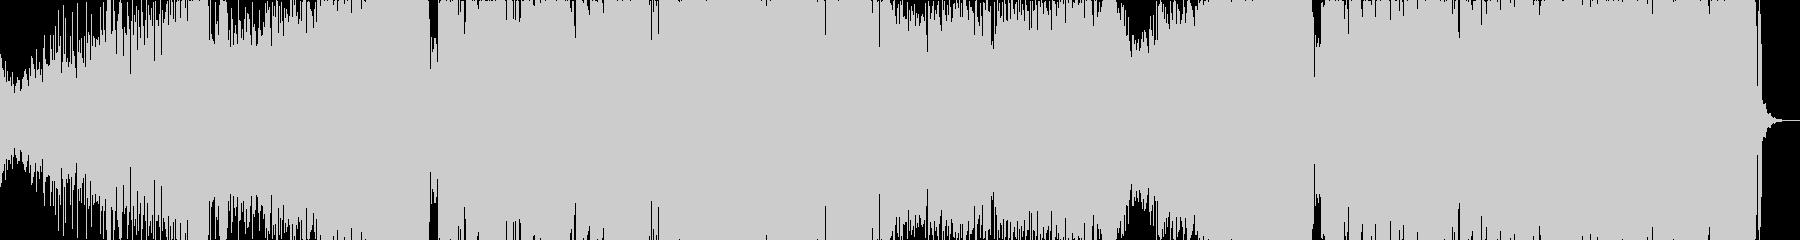 透明感のあるドラムステップの未再生の波形